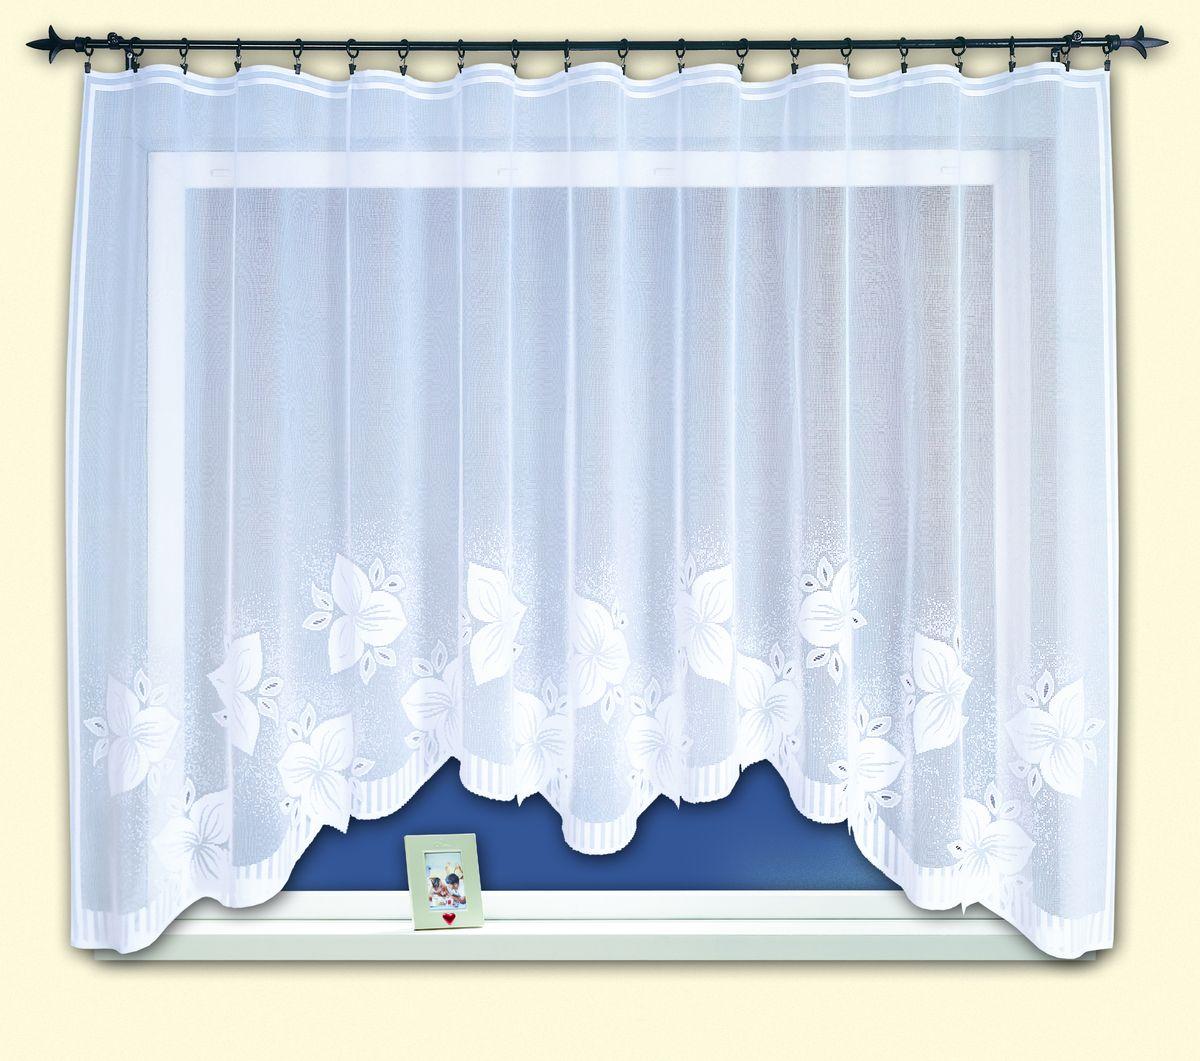 Гардина для кухни Haft Magia Wzorow, на ленте, цвет: белый, высота 160 см. 33960/16033960/160Воздушная гардина Haft Magia Wzorow, изготовленная из полиэстера белого цвета, станет великолепным украшением любого окна. Оригинальный цветочный рисунок, украшающий нижний край гардины, и нежная фактура материала привлекут к себе внимание и органично впишутся в интерьер комнаты. В гардину вшита шторная лента. Размер гардины: 160 см х 300 см. Главный ассортимент компании Haft - это тюль и занавески. Haft предлагает готовые решения для ваших окон, выпуская готовые наборы штор, которые остается только распаковать и повесить. Модельный ряд отличает оригинальный дизайн, высокое качество. Занавески, шторы, гардины Haft долговечны, прочны, практически не сминаемы, они не притягивают пыль и за ними легко ухаживать. Вся продукция бренда Haft выполнена на современном оборудовании из лучших материалов.